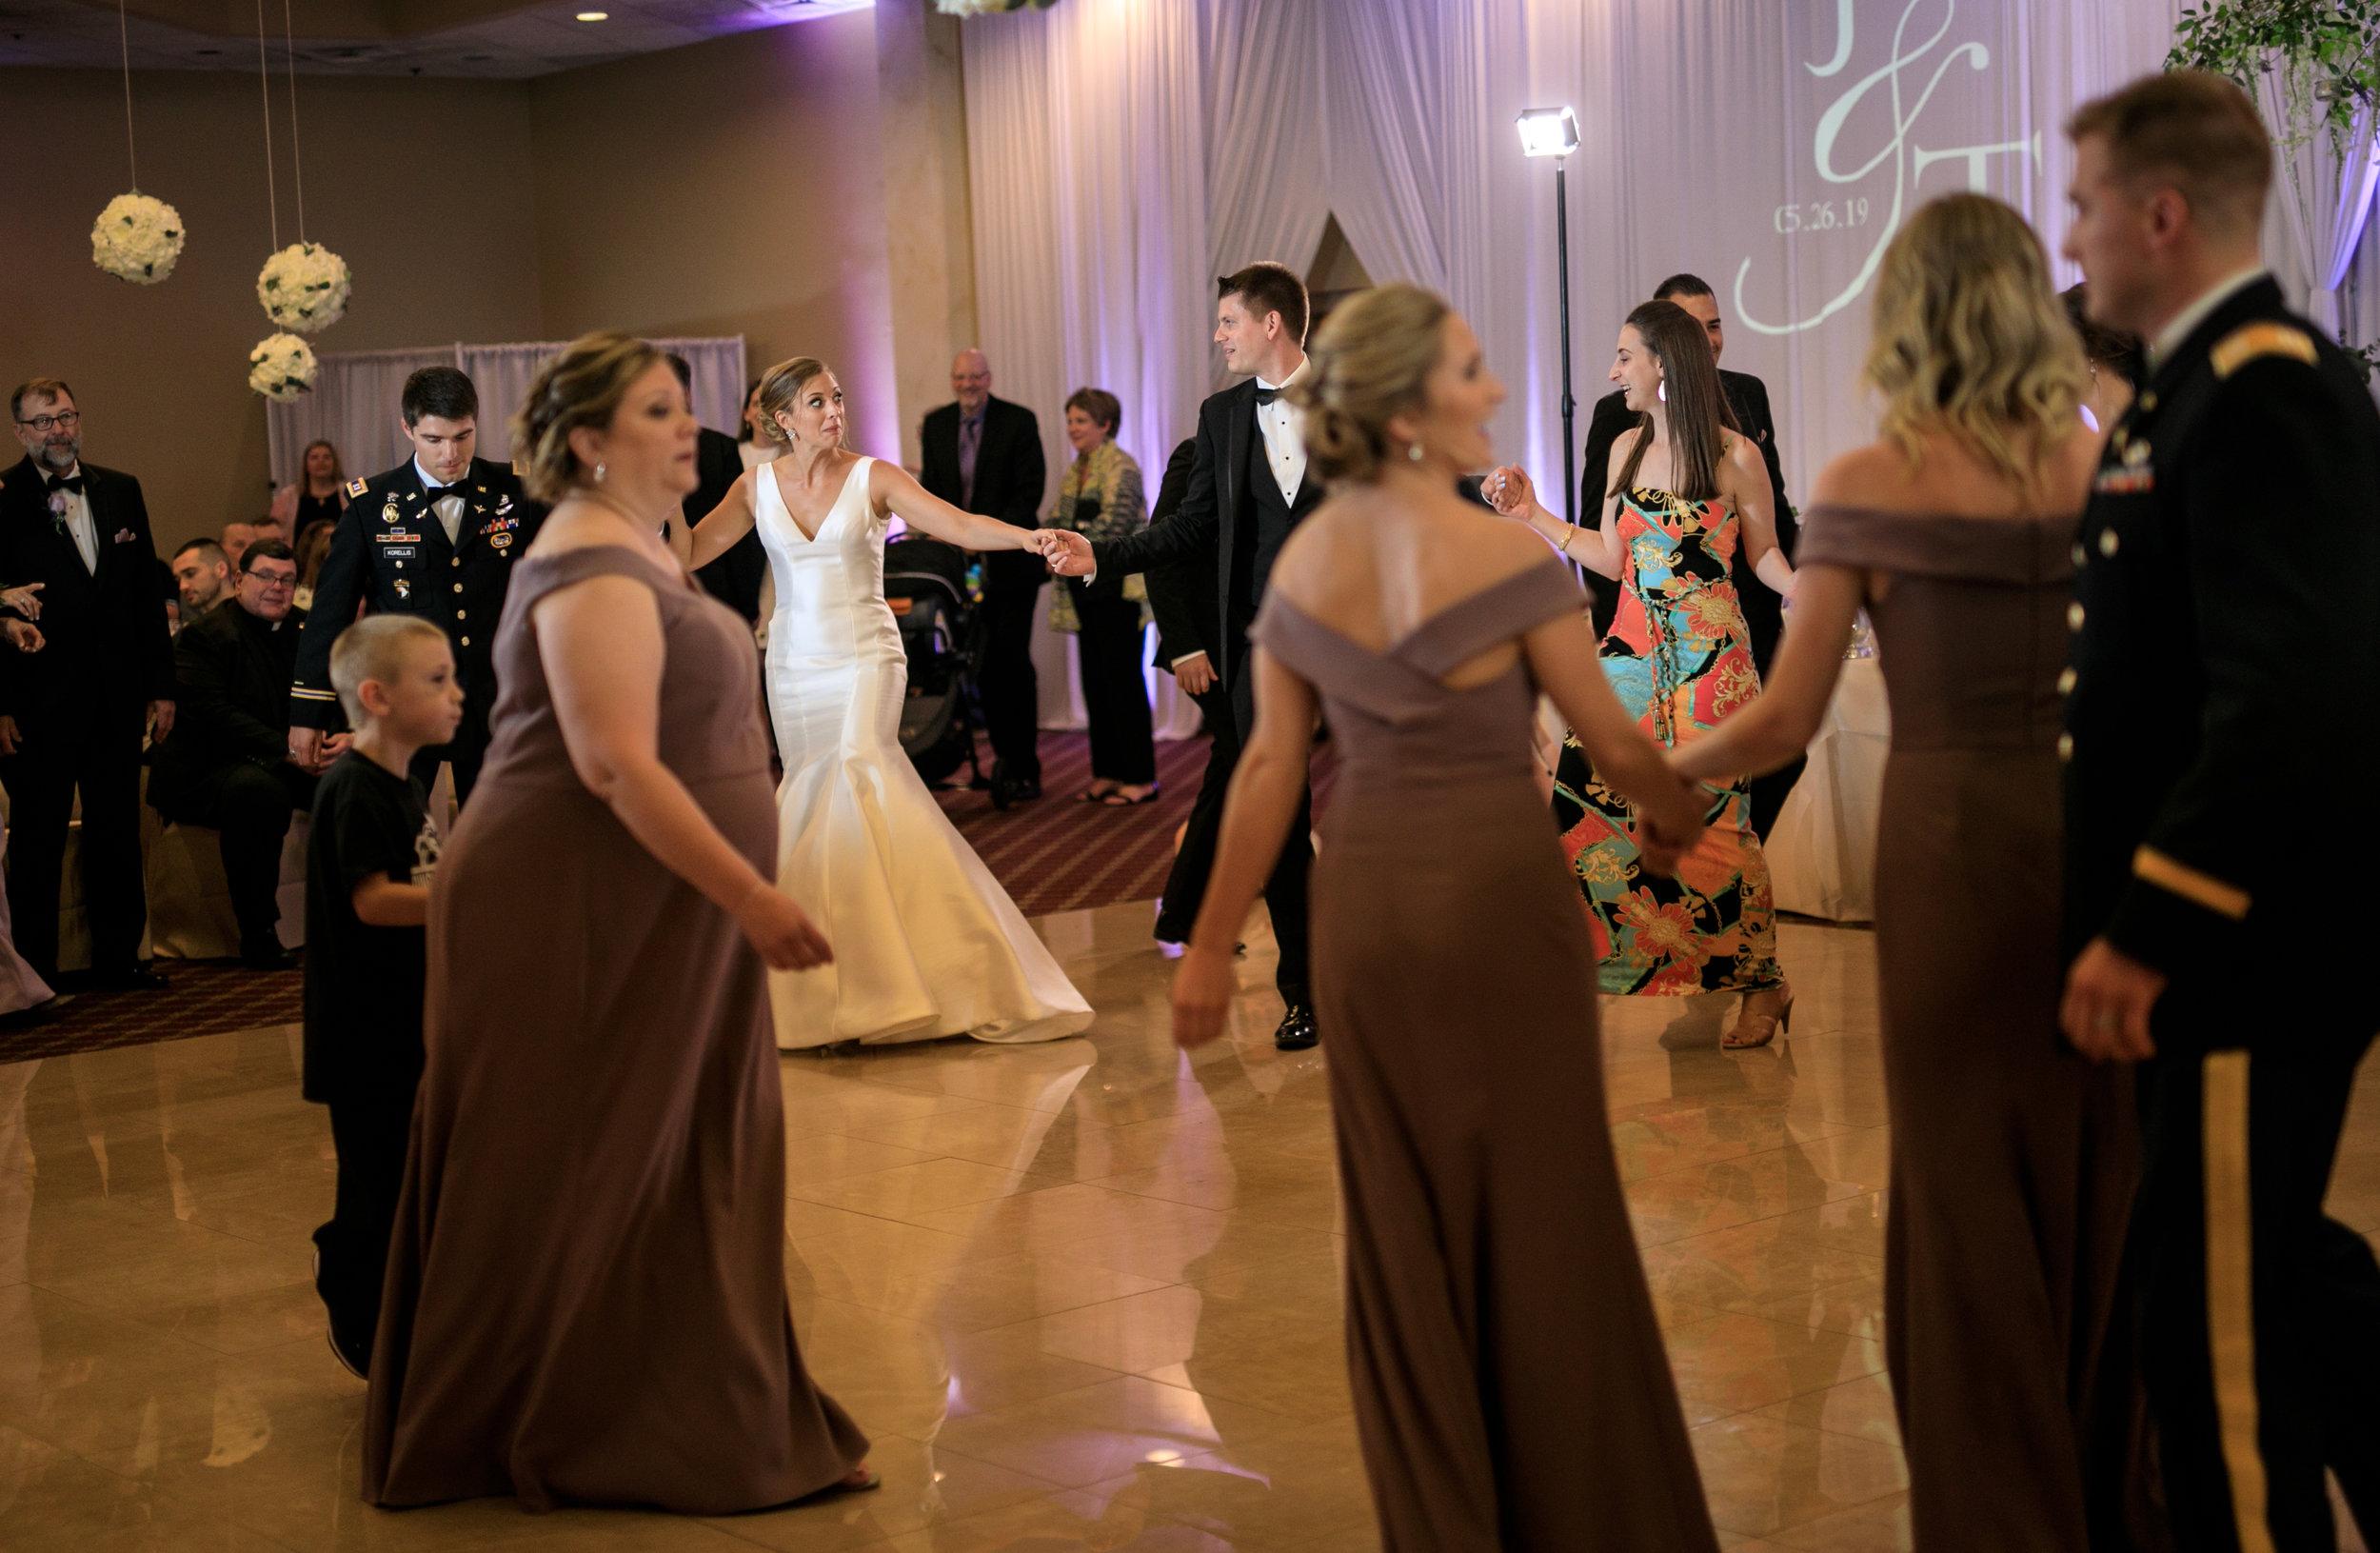 bride-and-groom-greek-dancing-at-weddig.jpg